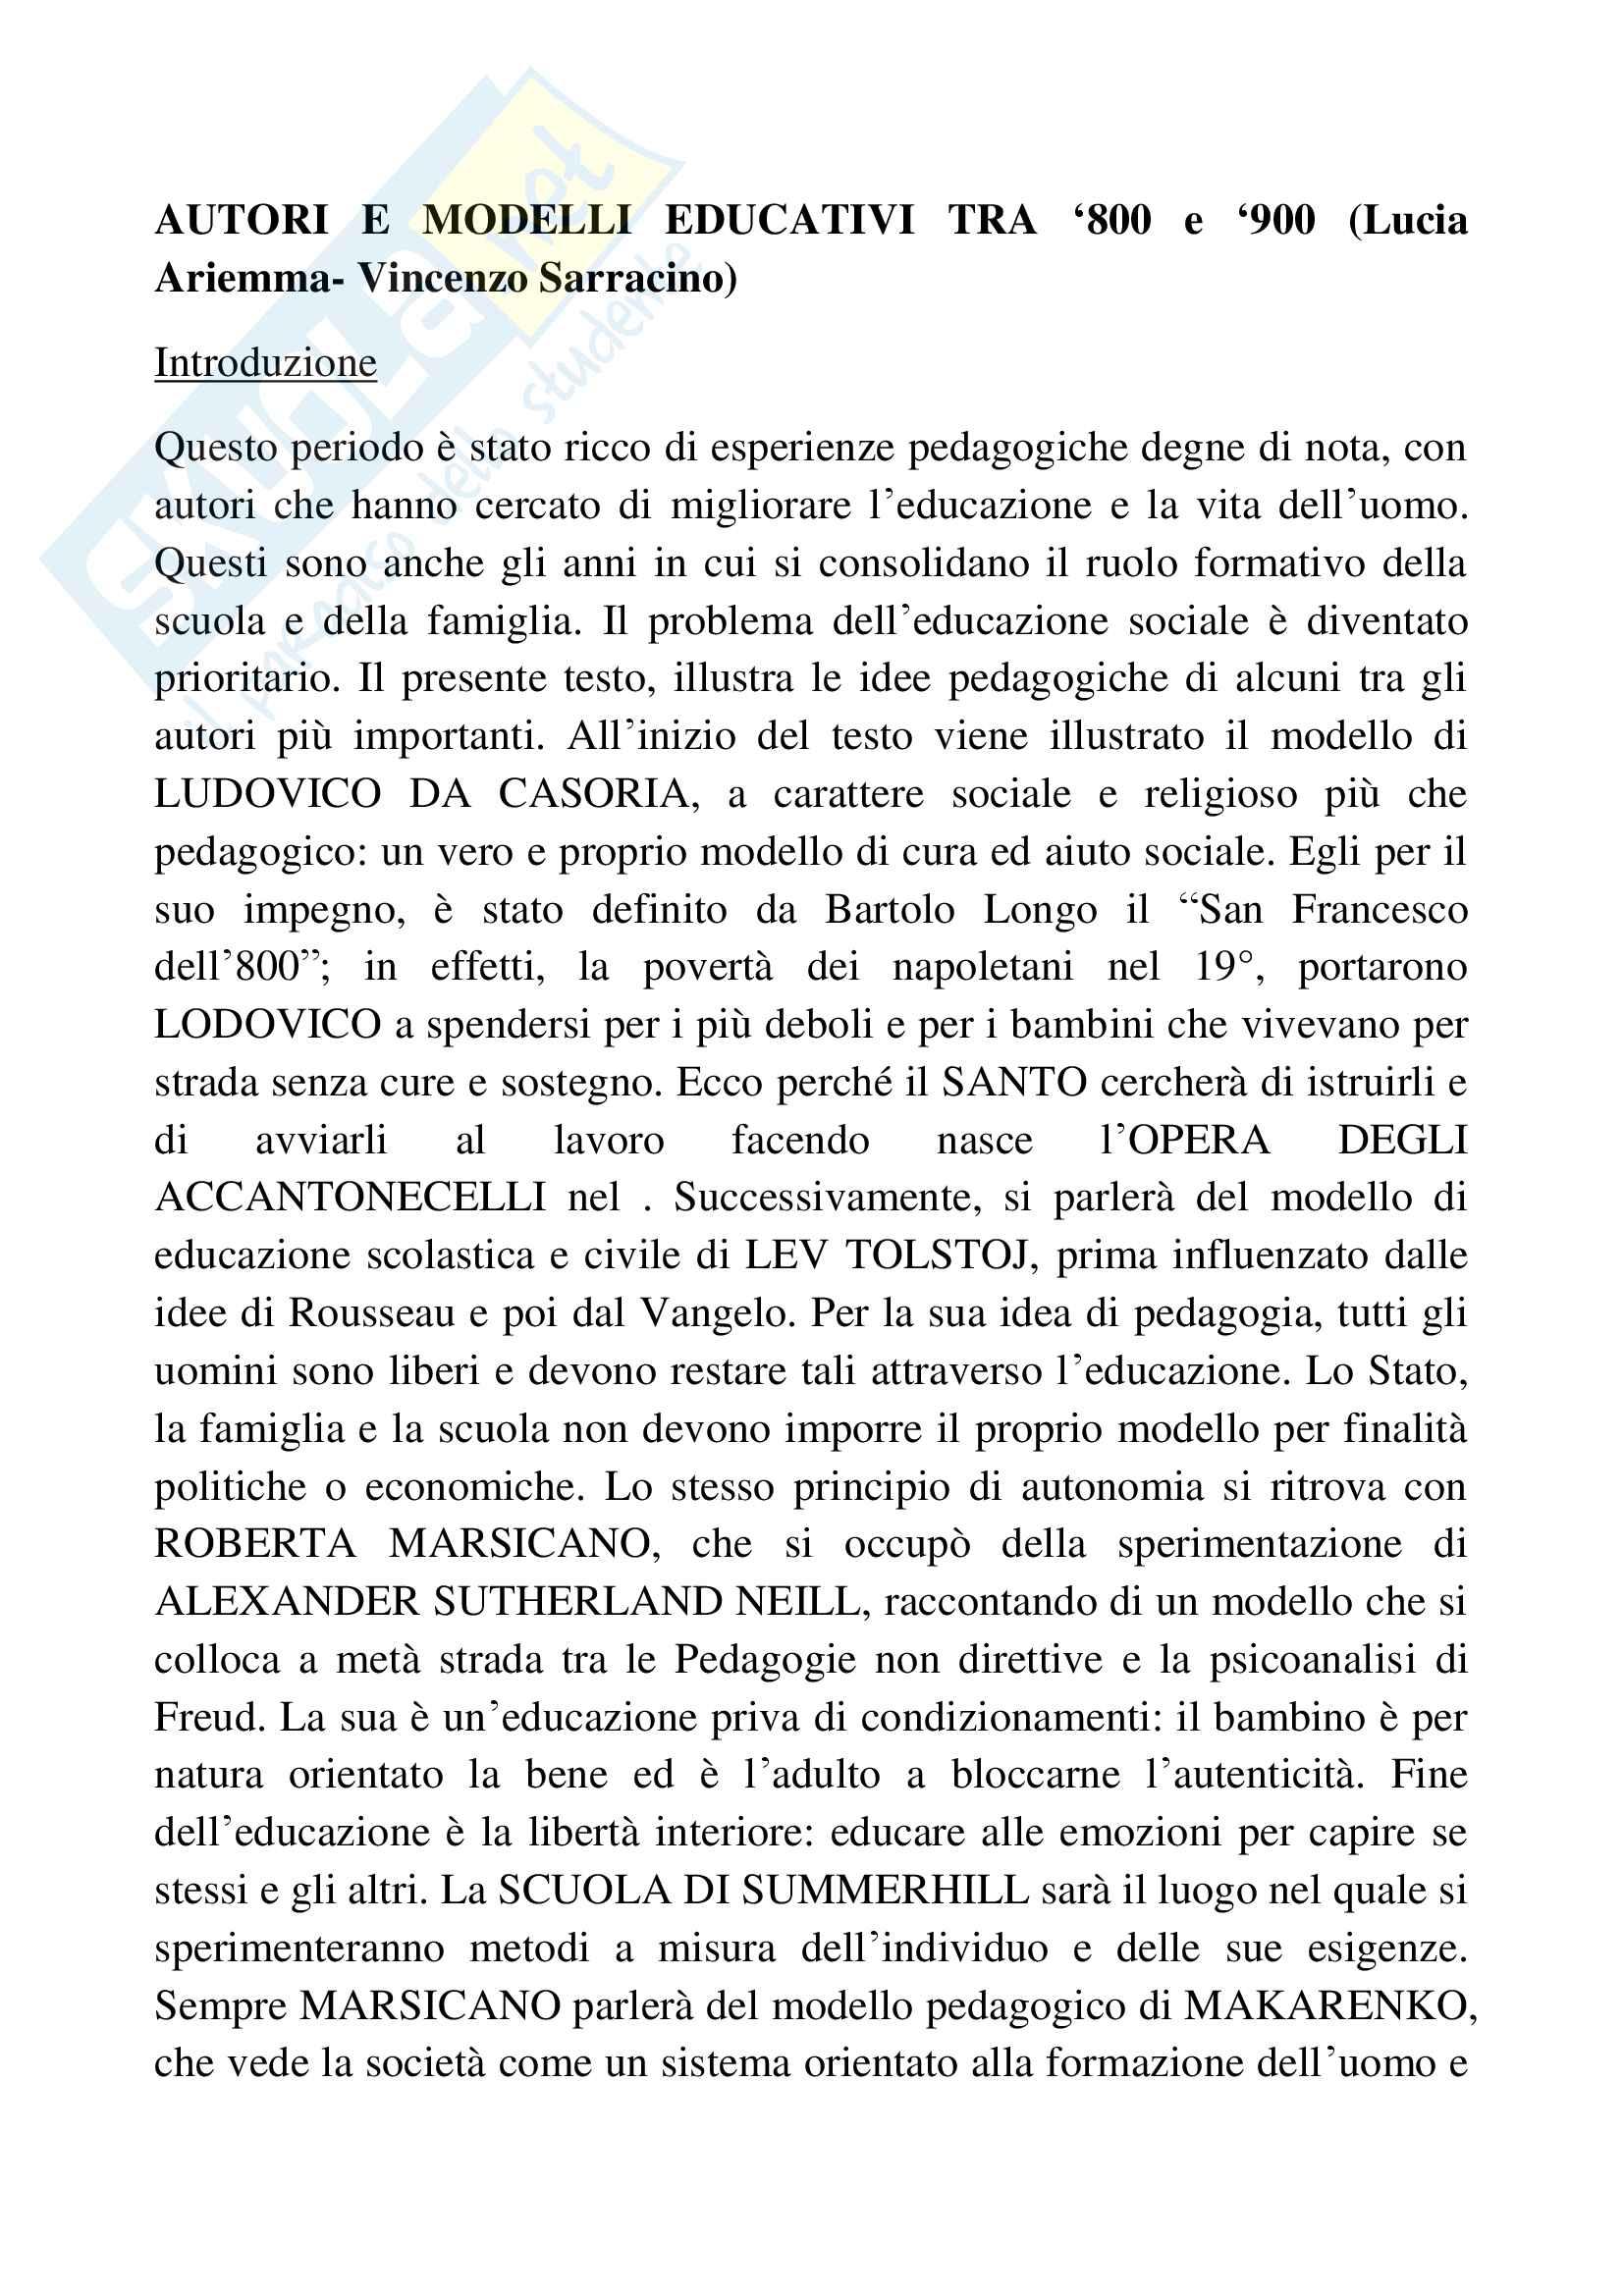 Riassunto esame pedagogia generale, docente Sarracino, libro consigliato Autori e modelli educativi tra '800 e '900, Ariemma, Sarracino